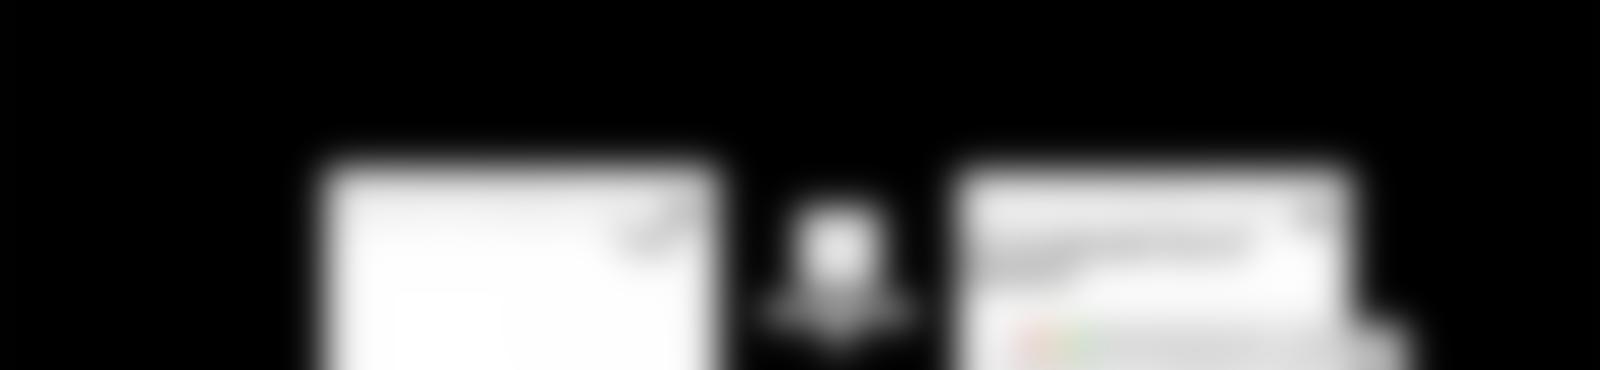 Blurred 30bc8981 c8b5 41f3 82ce f5ed0cf75932